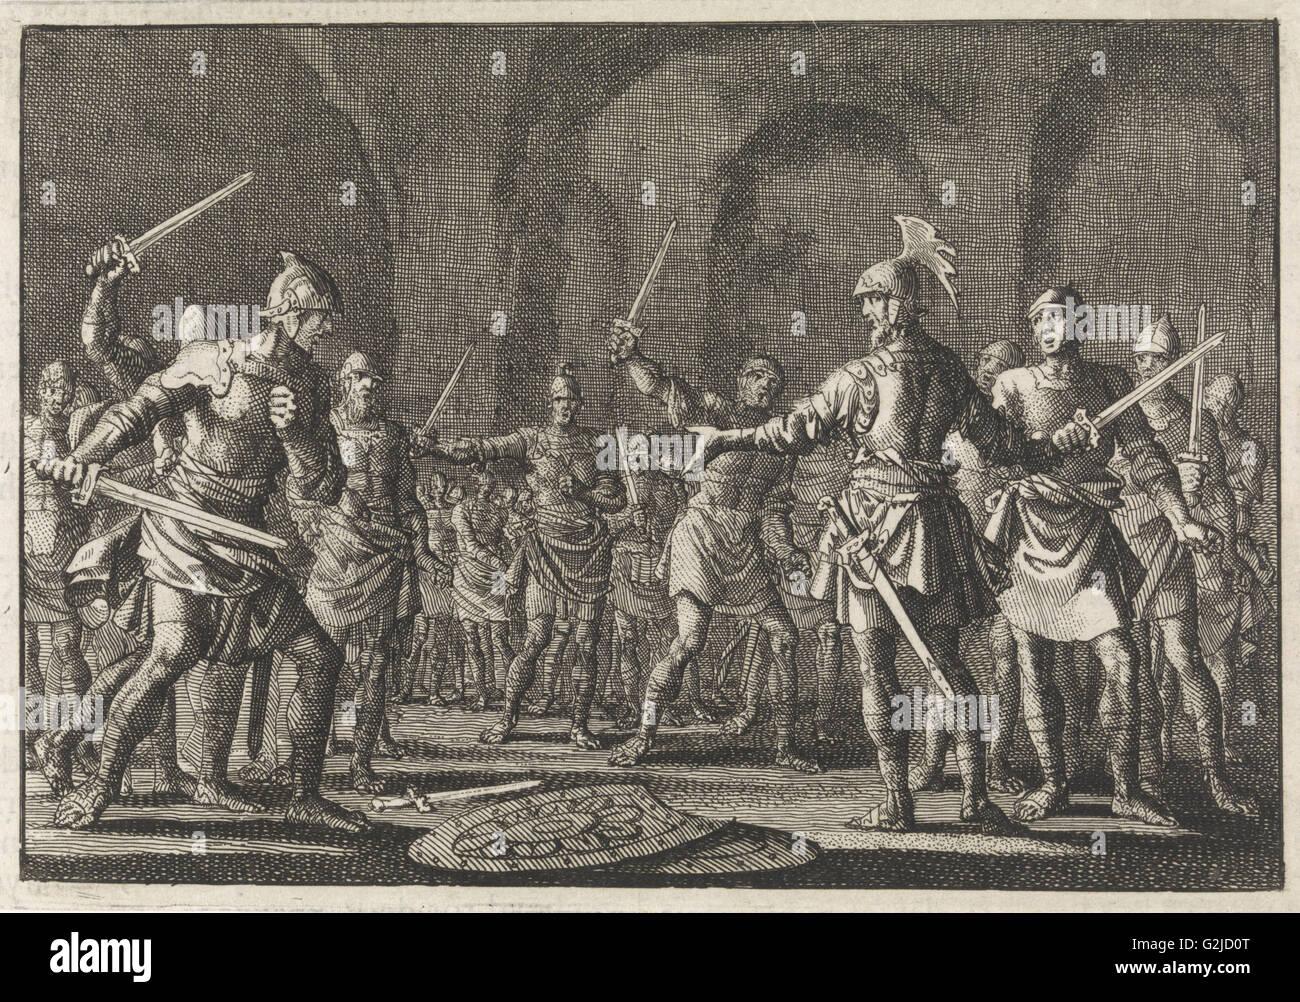 Josefo tras conquistar Jotapata con 40 compañeros en una cueva, Jan Luyken, Pieter Mortier, 1704 Imagen De Stock